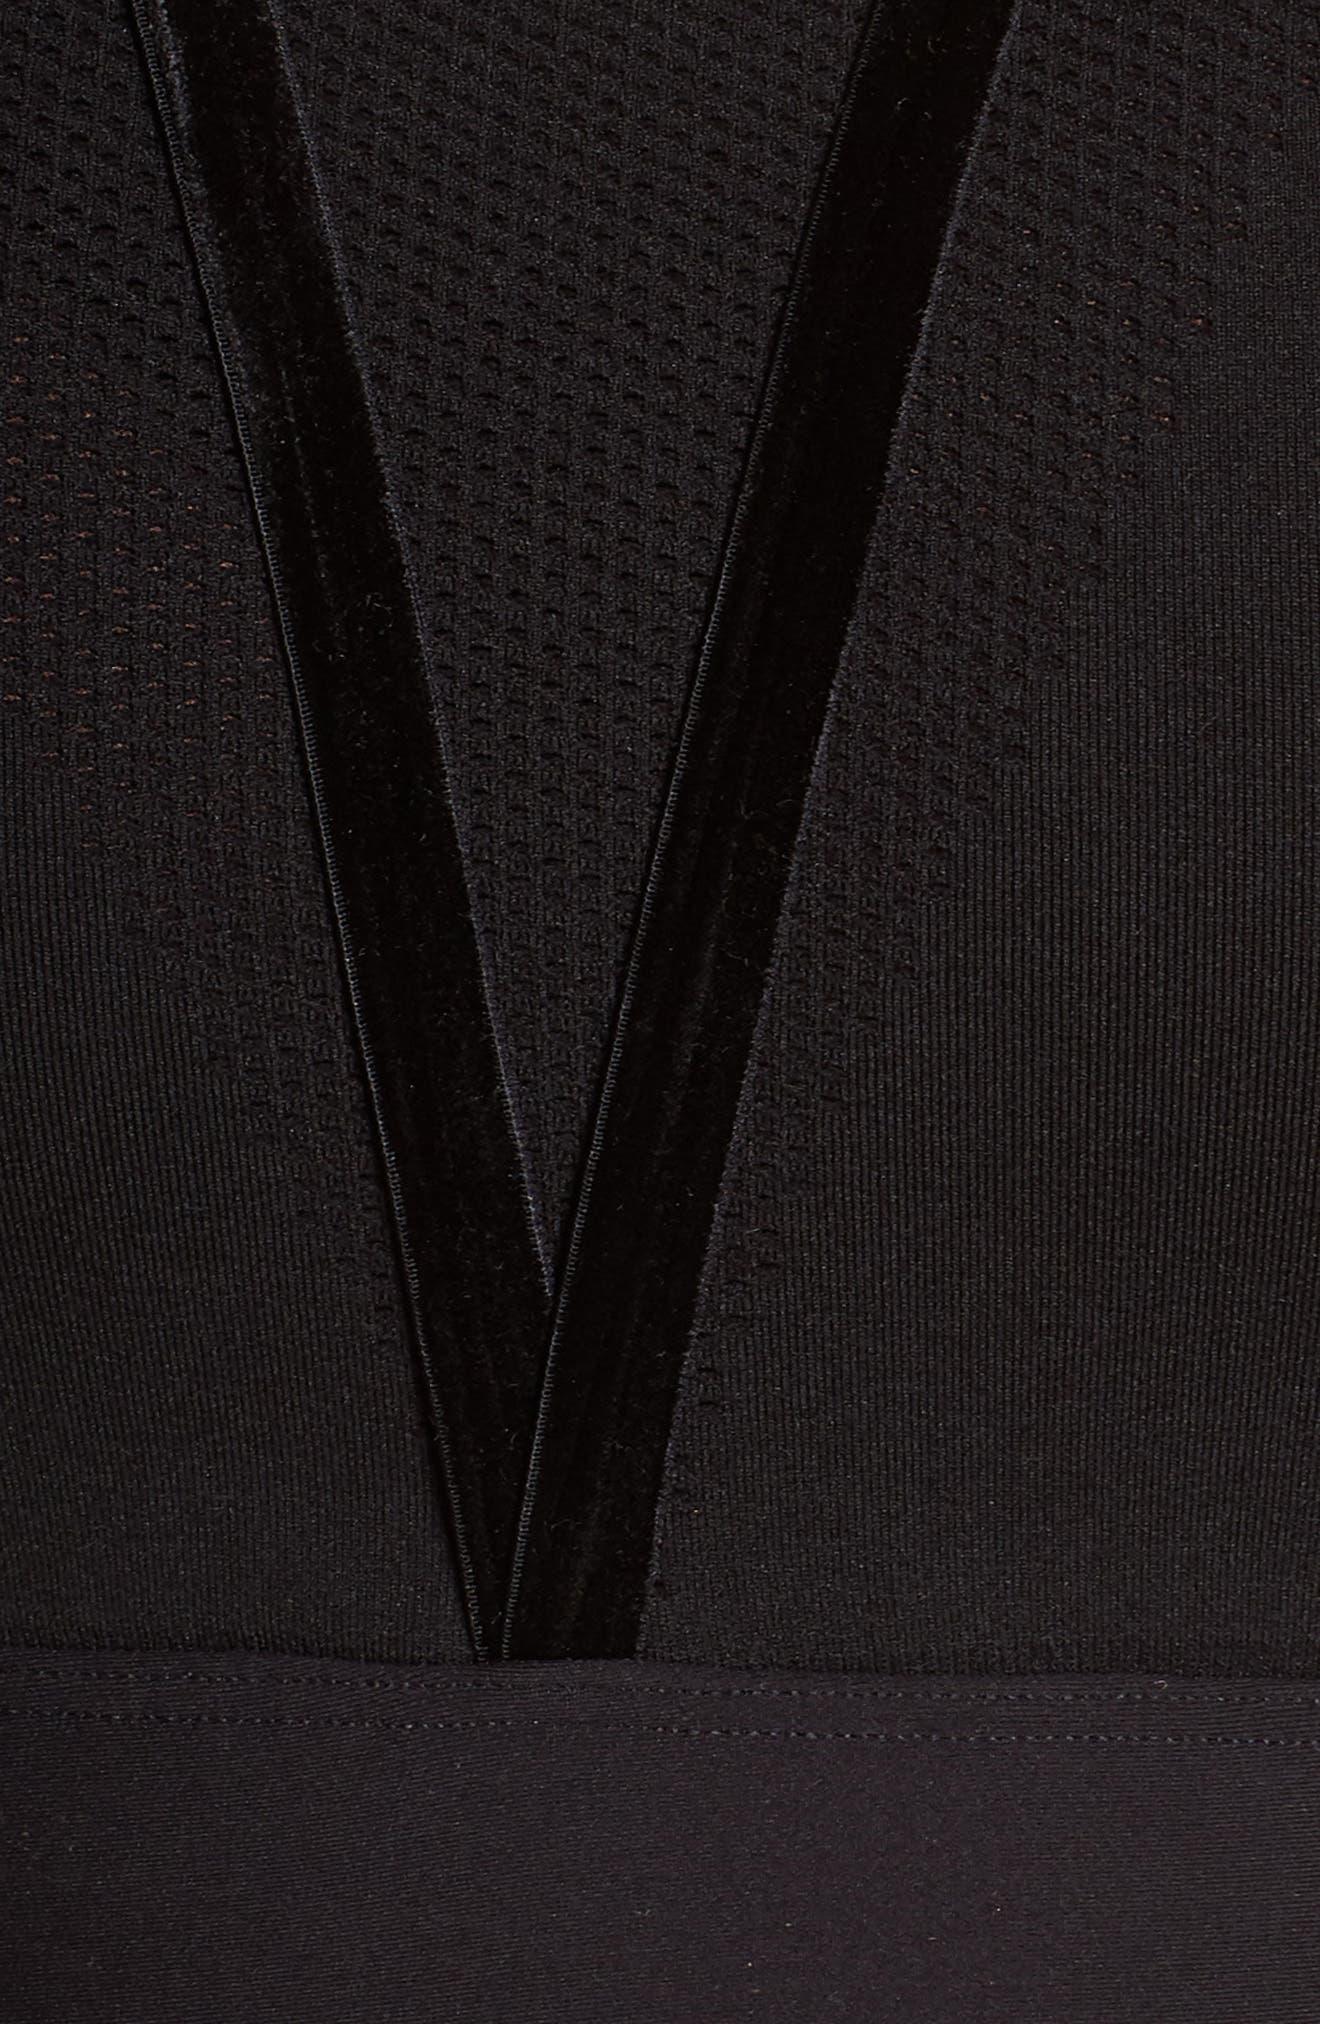 Vixen Sports Bra,                             Alternate thumbnail 7, color,                             BLACK